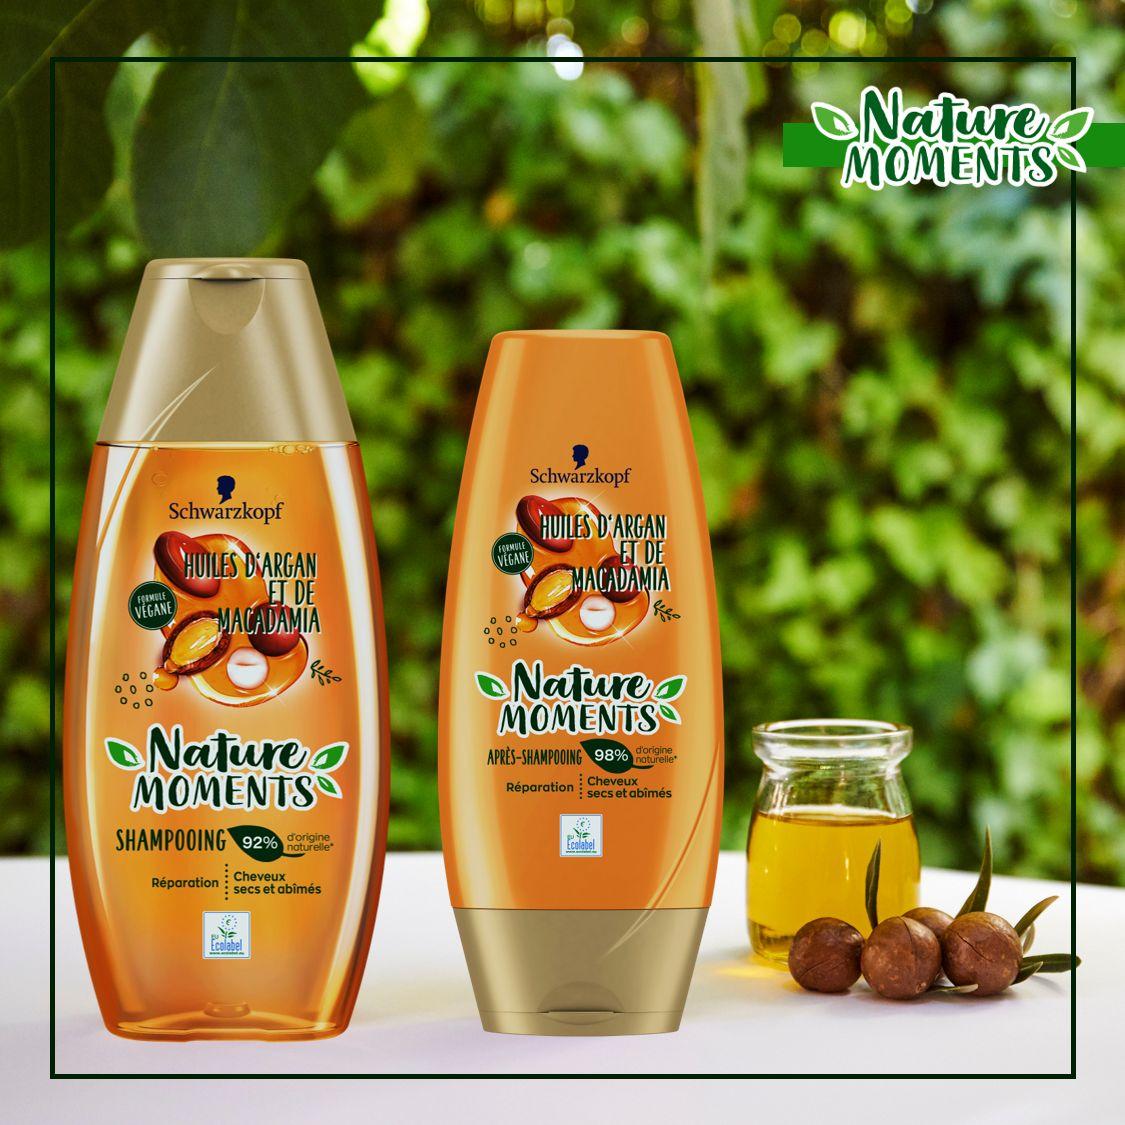 Shampooing et après-shampooing Nature Moments à l'huile d'argan et de macadamia